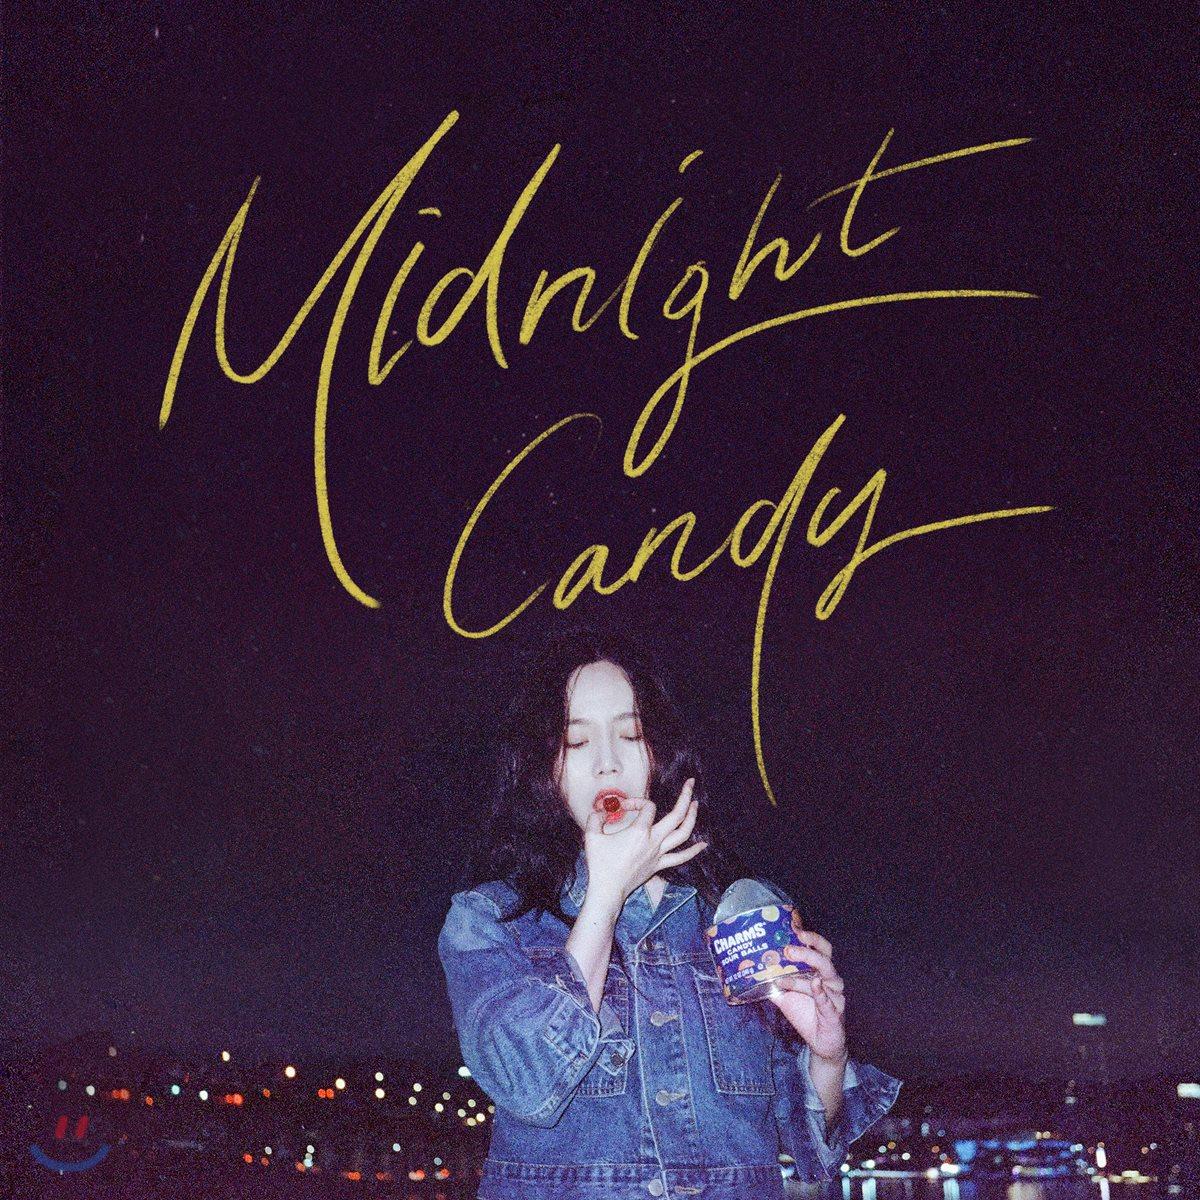 프롬 (Fromm) - Midnight Candy